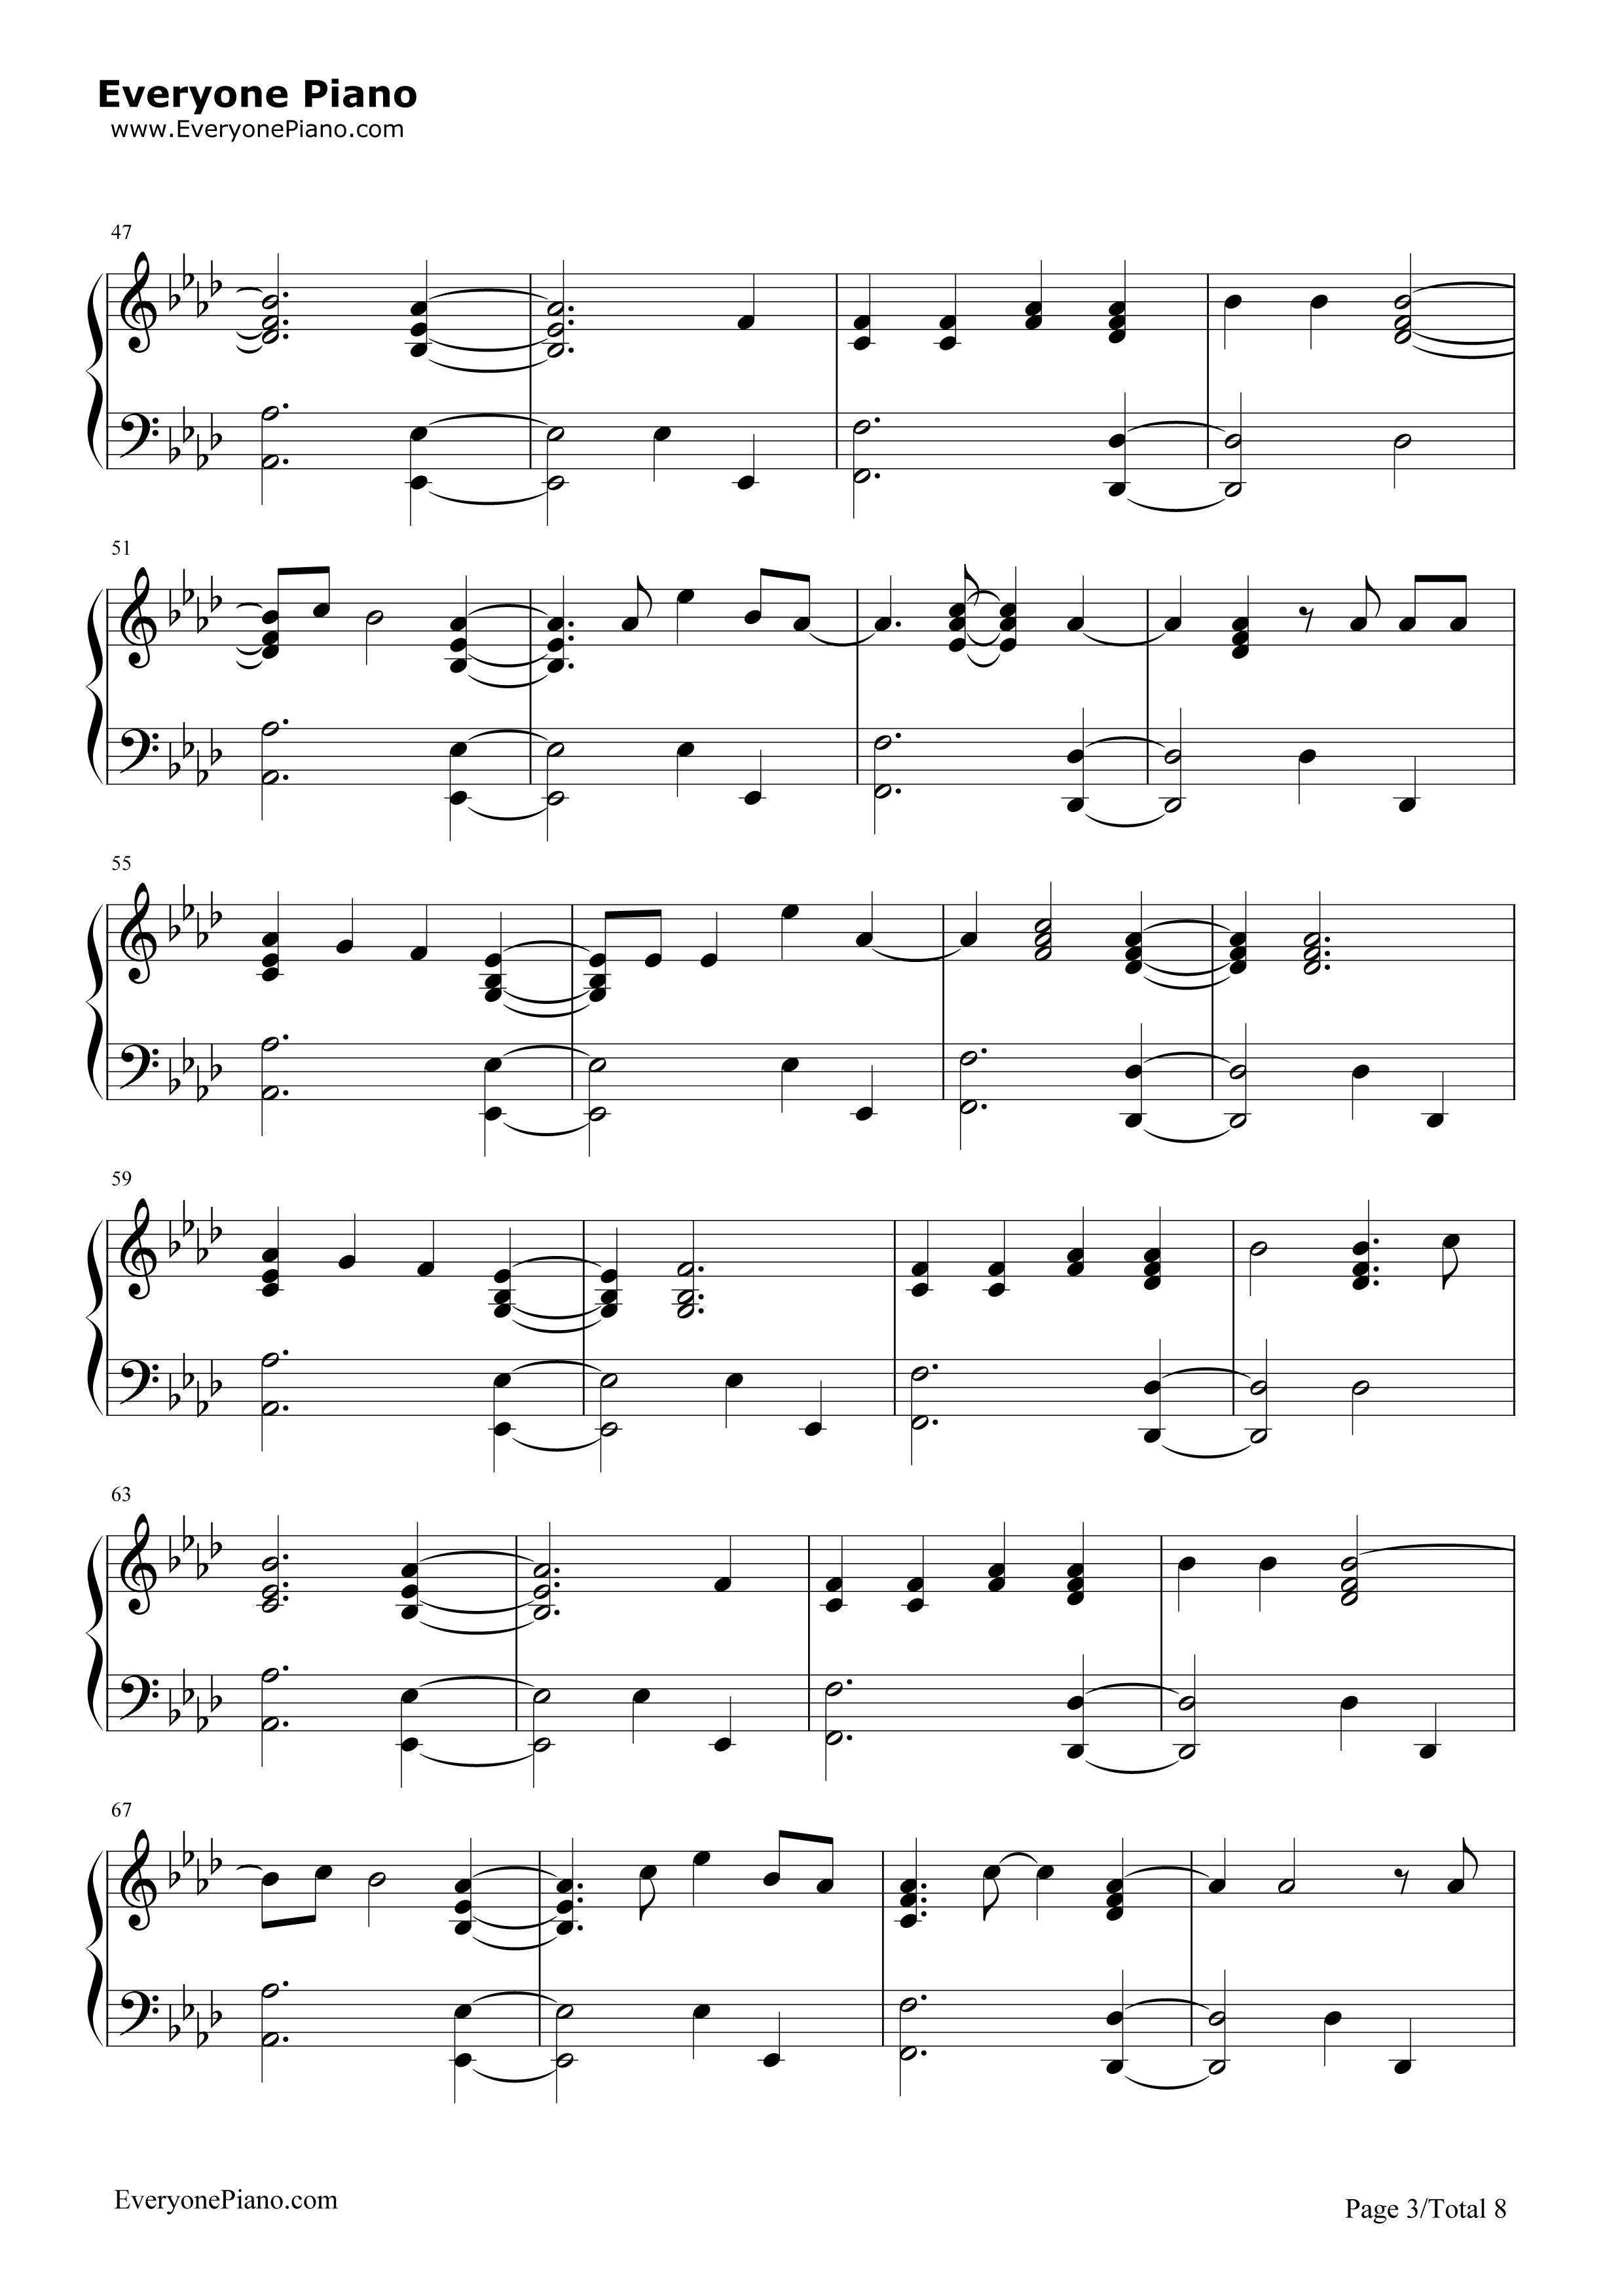 钢琴曲谱 流行 hello-钢琴版-adele hello-钢琴版-adele五线谱预览3